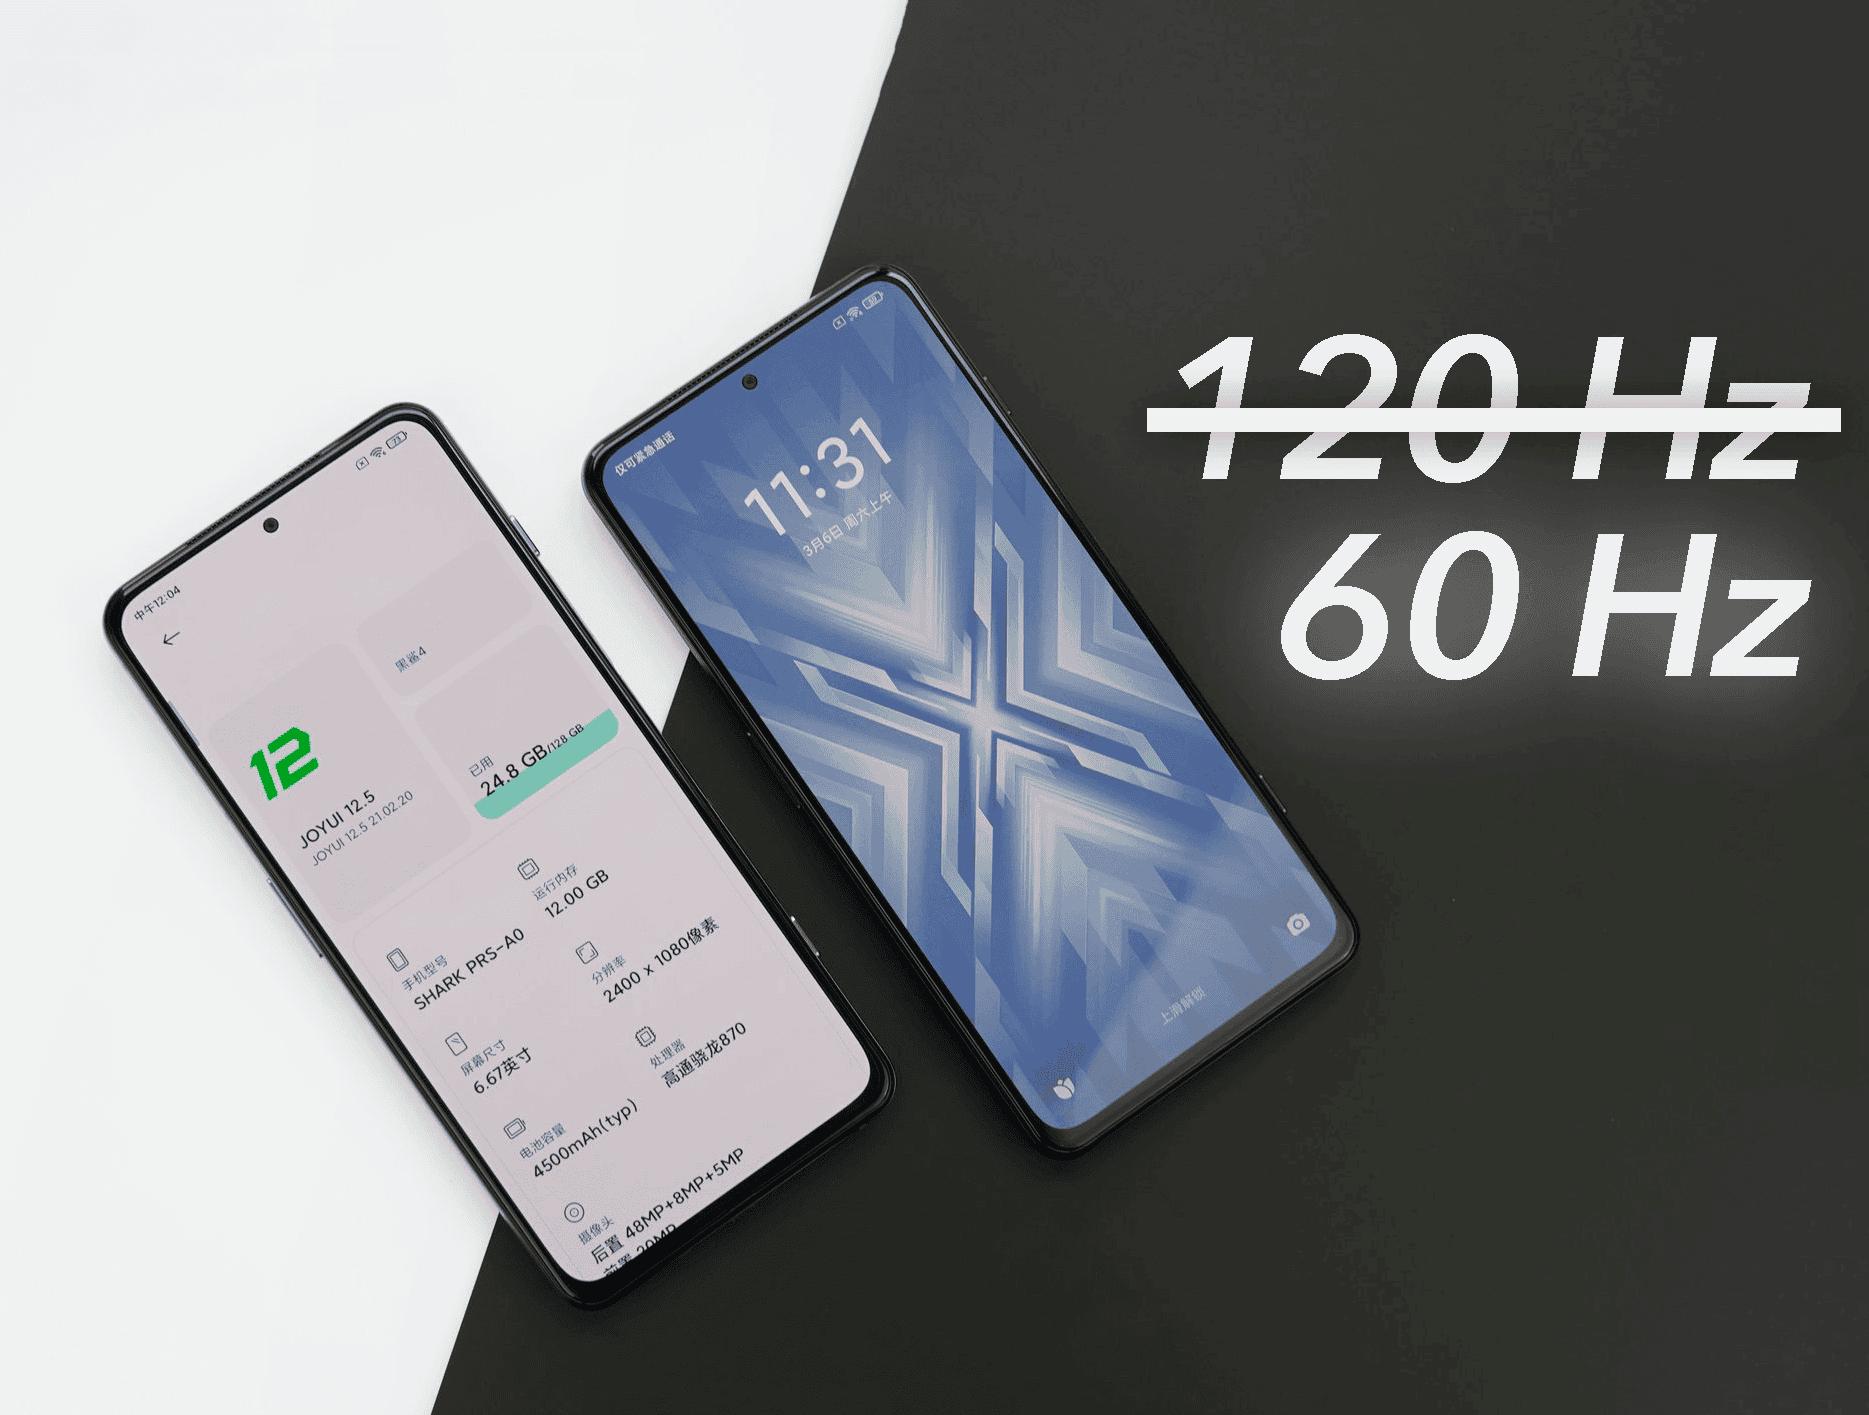 Tu Xiaomi no siempre va a 120 Hz, incluso cuando los fuerzas se utilizan los 60 Hz